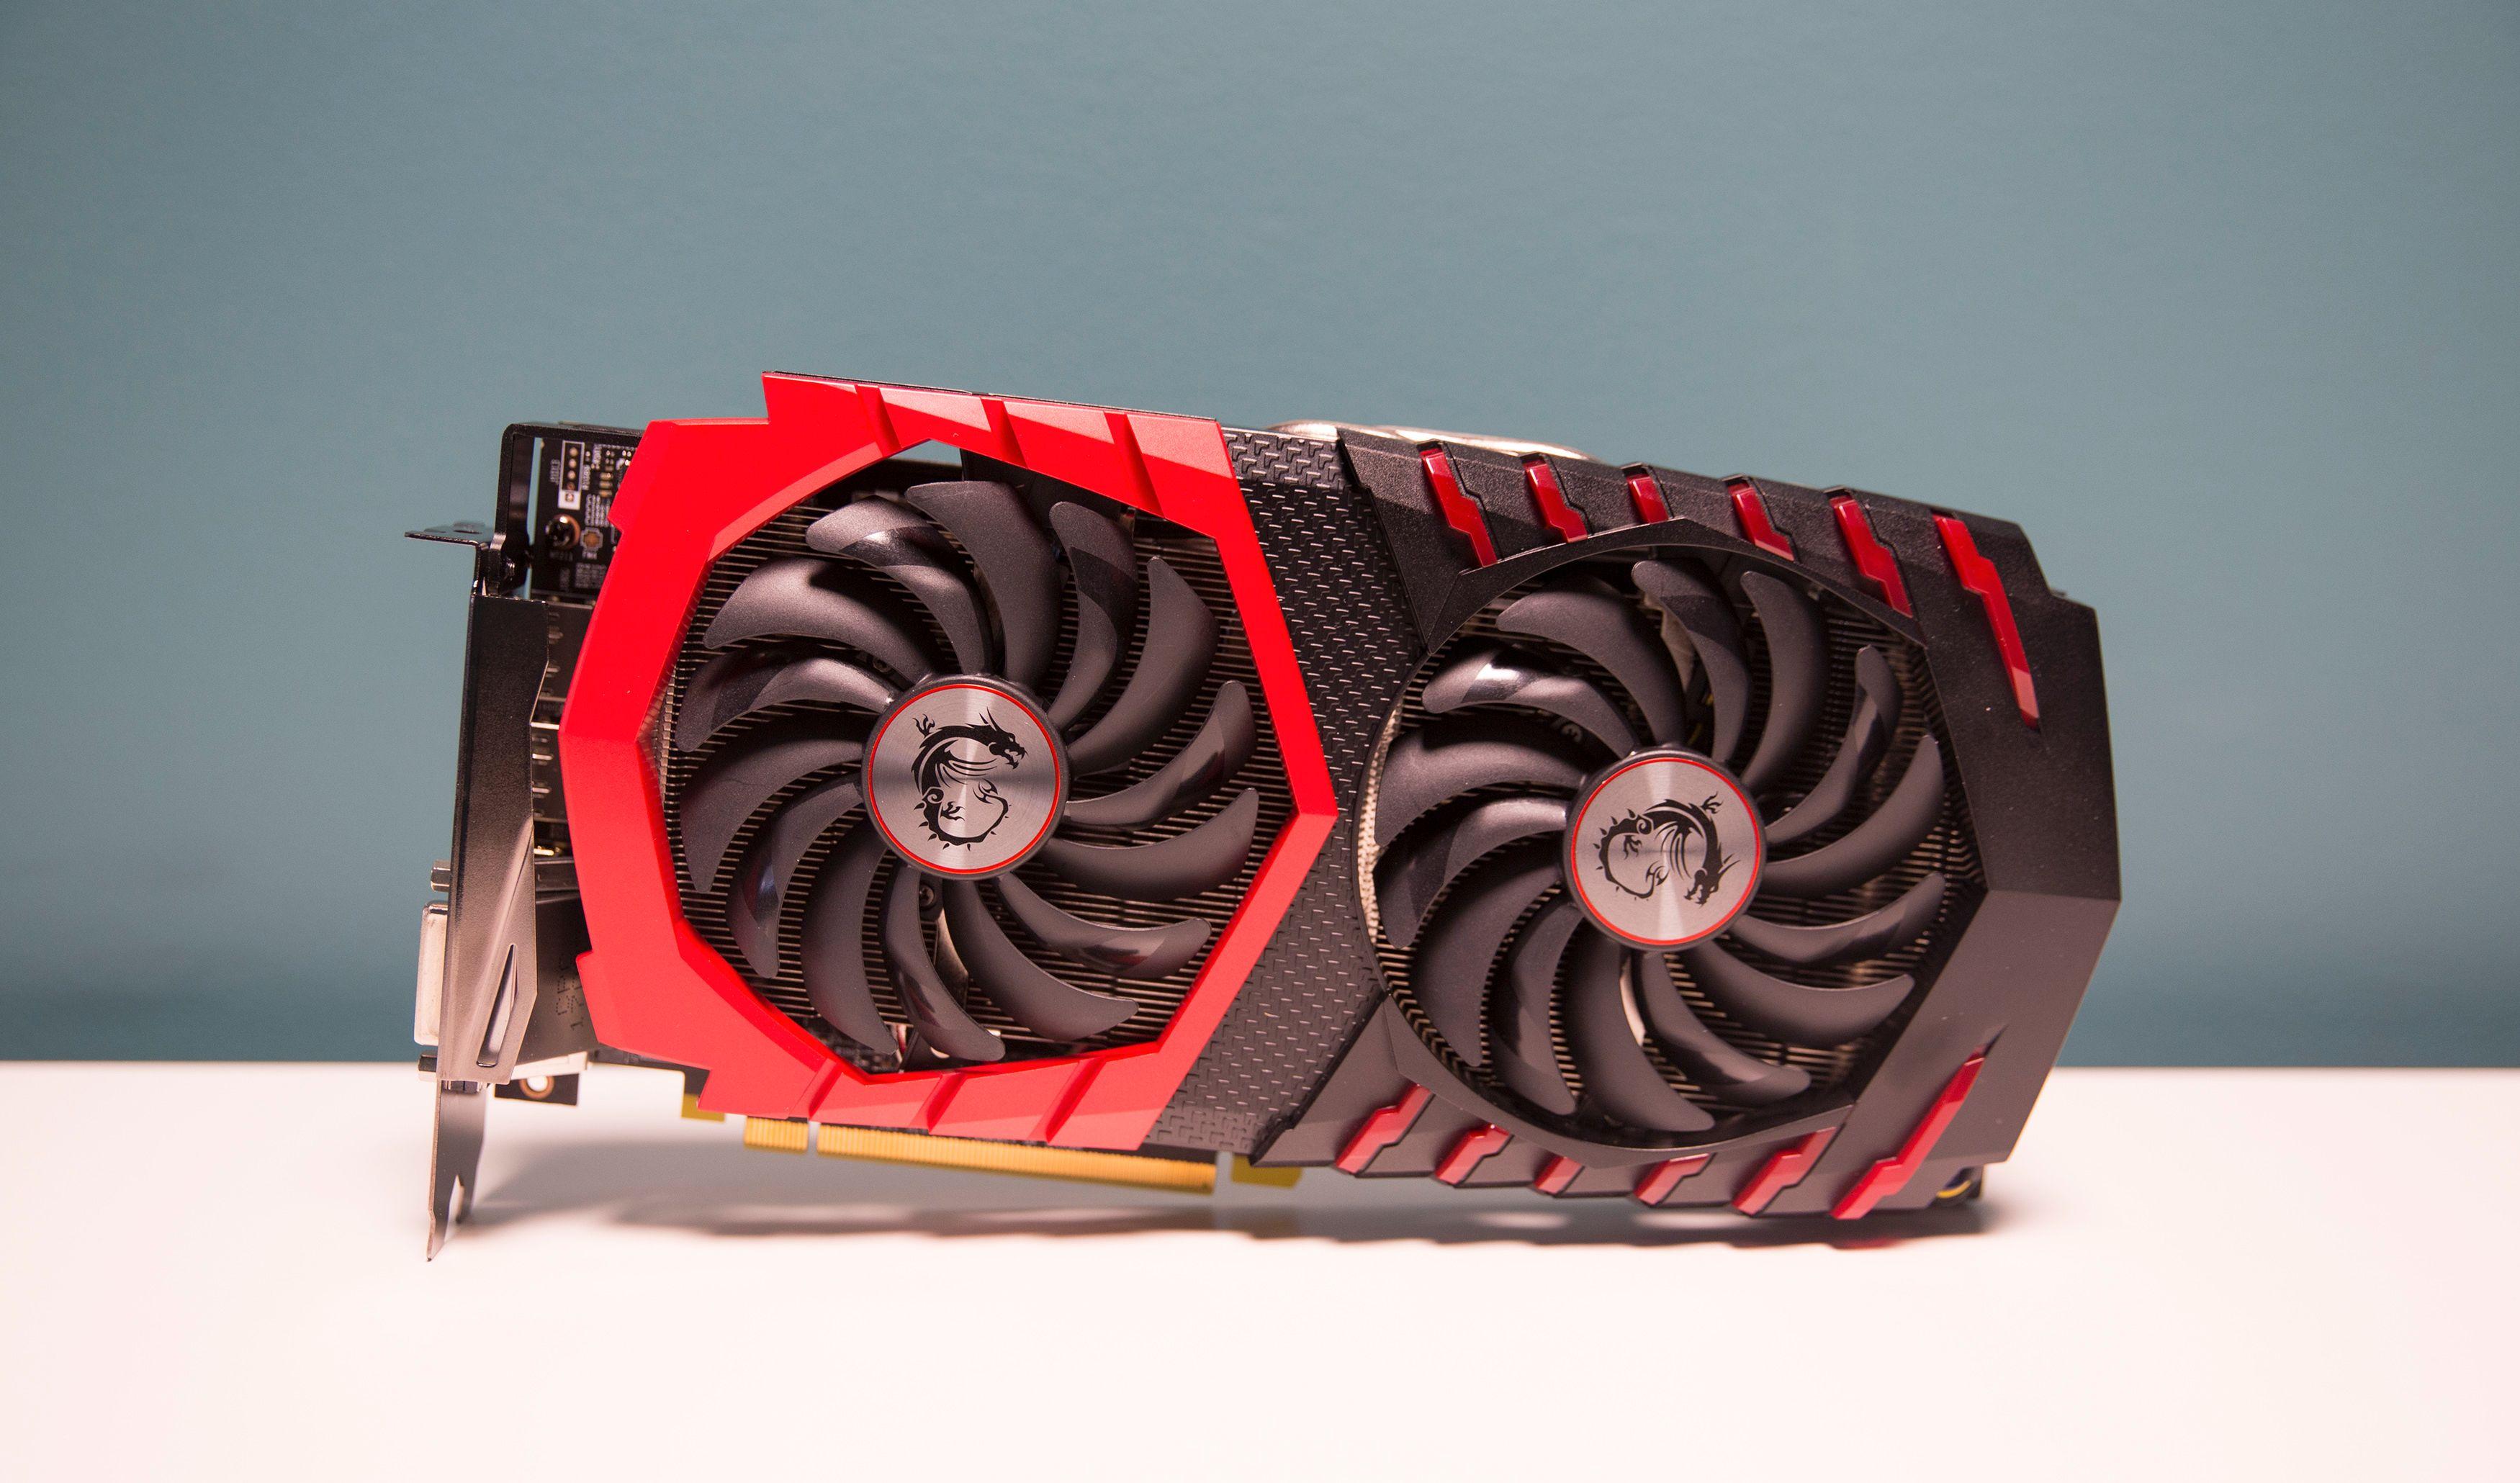 AMDs RX 580 8GB-brikke skiller seg ikke fra konkurrenten, GTX 1060 og tross en god kjøler fra MSI havner kortet mellom barken og veden. Vi har mer tro på 4GB-modellen til prisen.